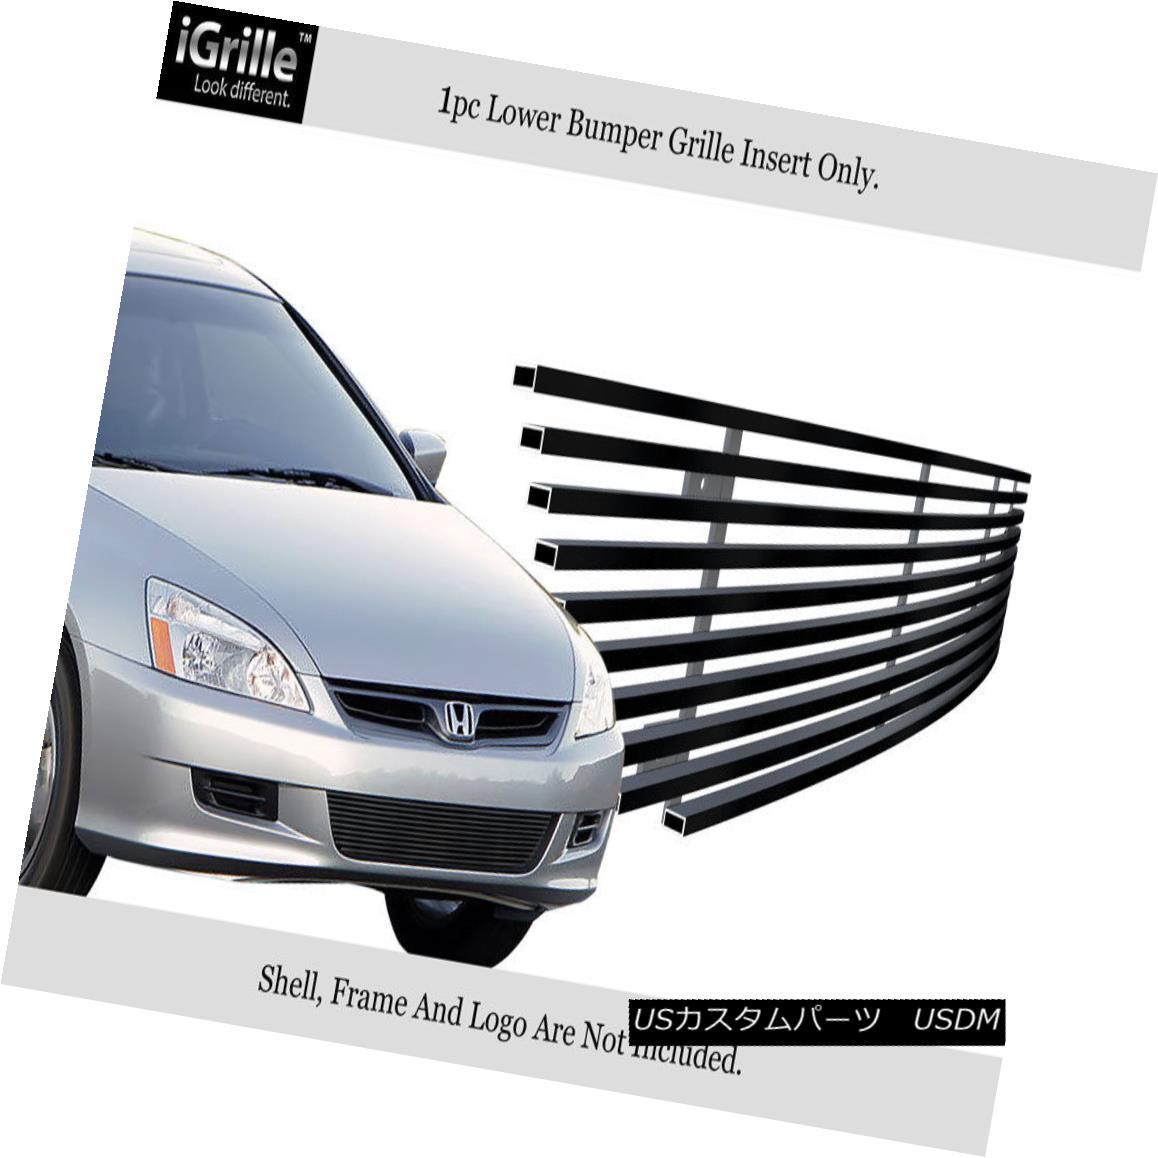 グリル Fits 06-07 Honda Accord Coupe Black Bumper Stainless Steel Billet Grille Insert フィット06-07ホンダアコードクーペブラックバンパーステンレス鋼ビレットグリルインサート